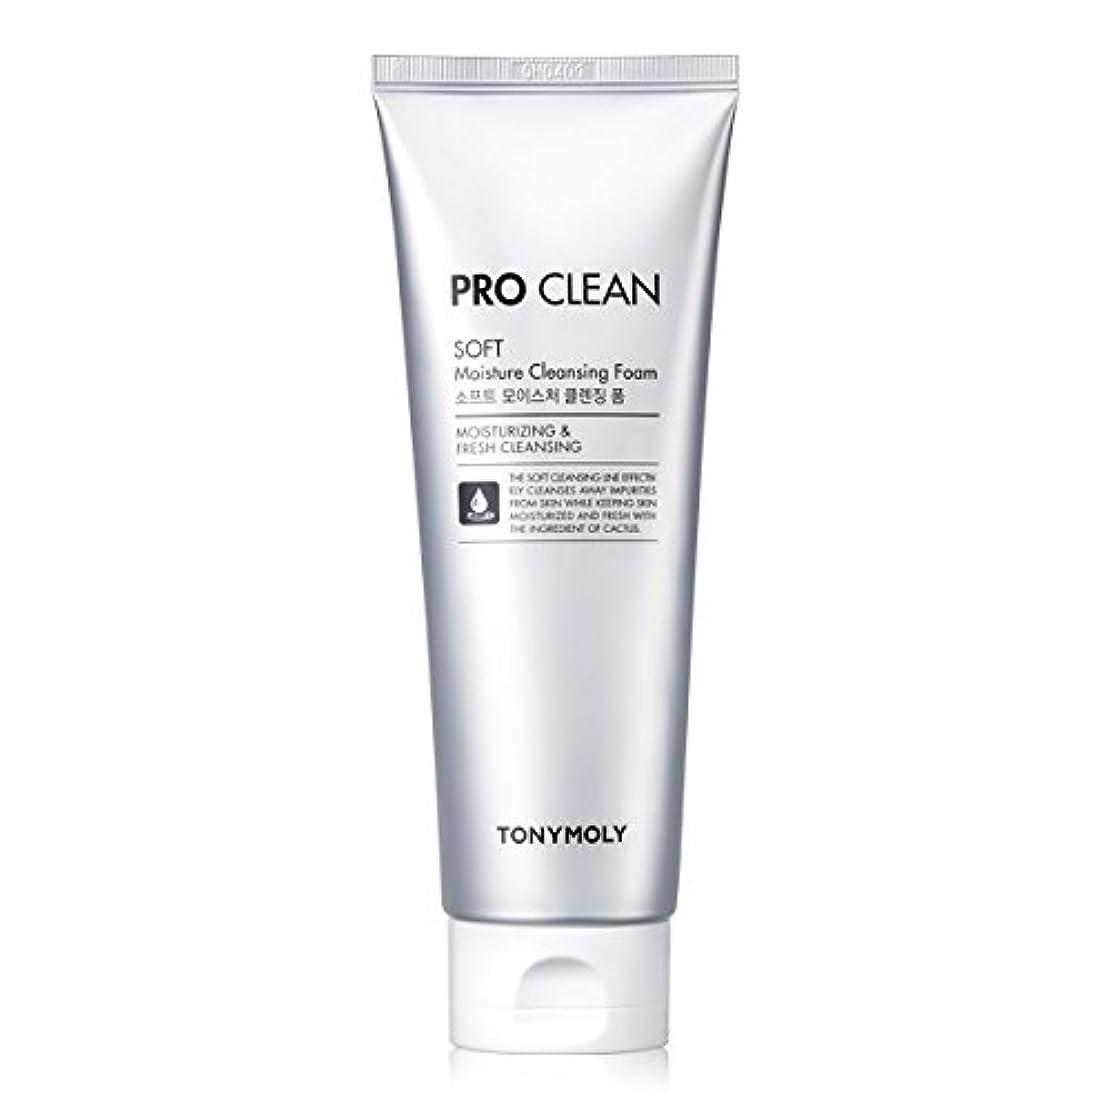 アテンダントコットンの頭の上[New] TONYMOLY Pro Clean Soft Moisture Cleansing Foam 150ml/トニーモリー プロ クリーン ソフト モイスチャー クレンジングフォーム 150ml [並行輸入品]